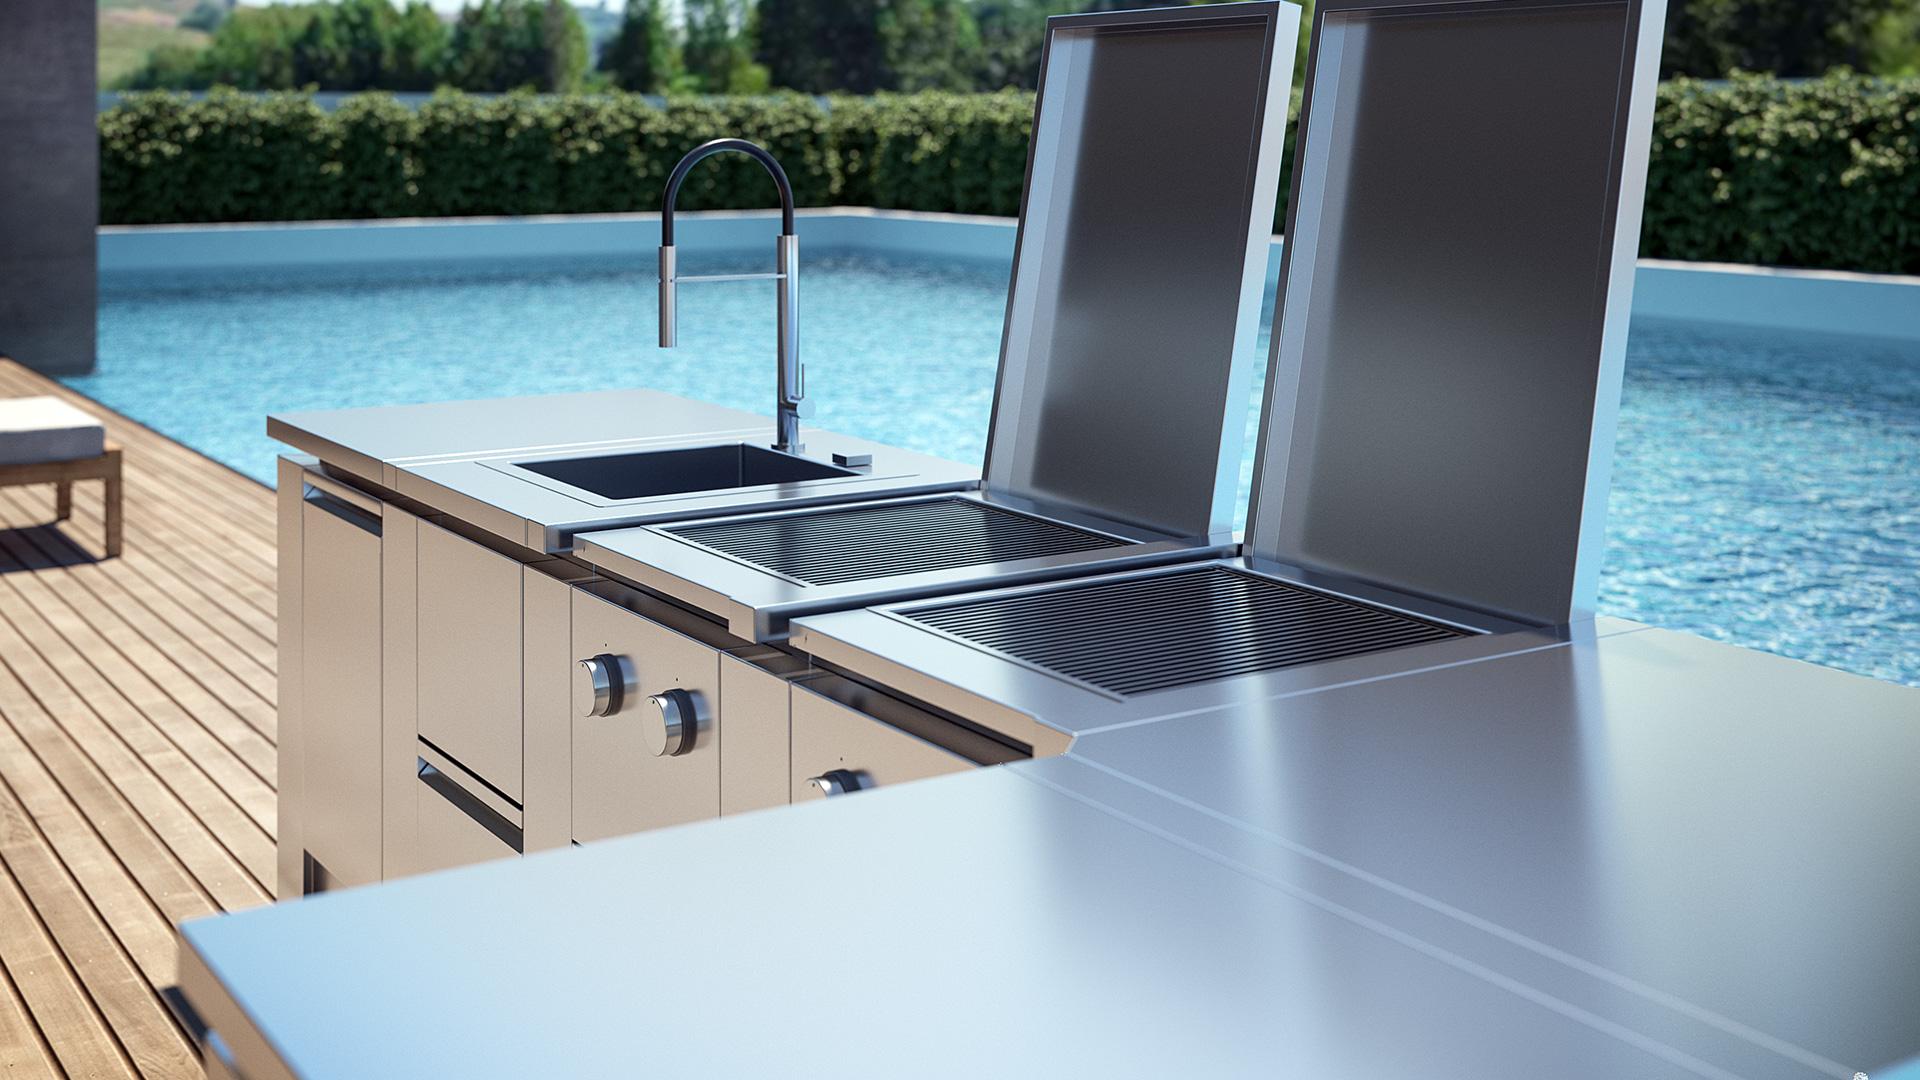 Cucine da esterno cucine da giardino e terrazzo rok - Cucine da giardino prezzi ...